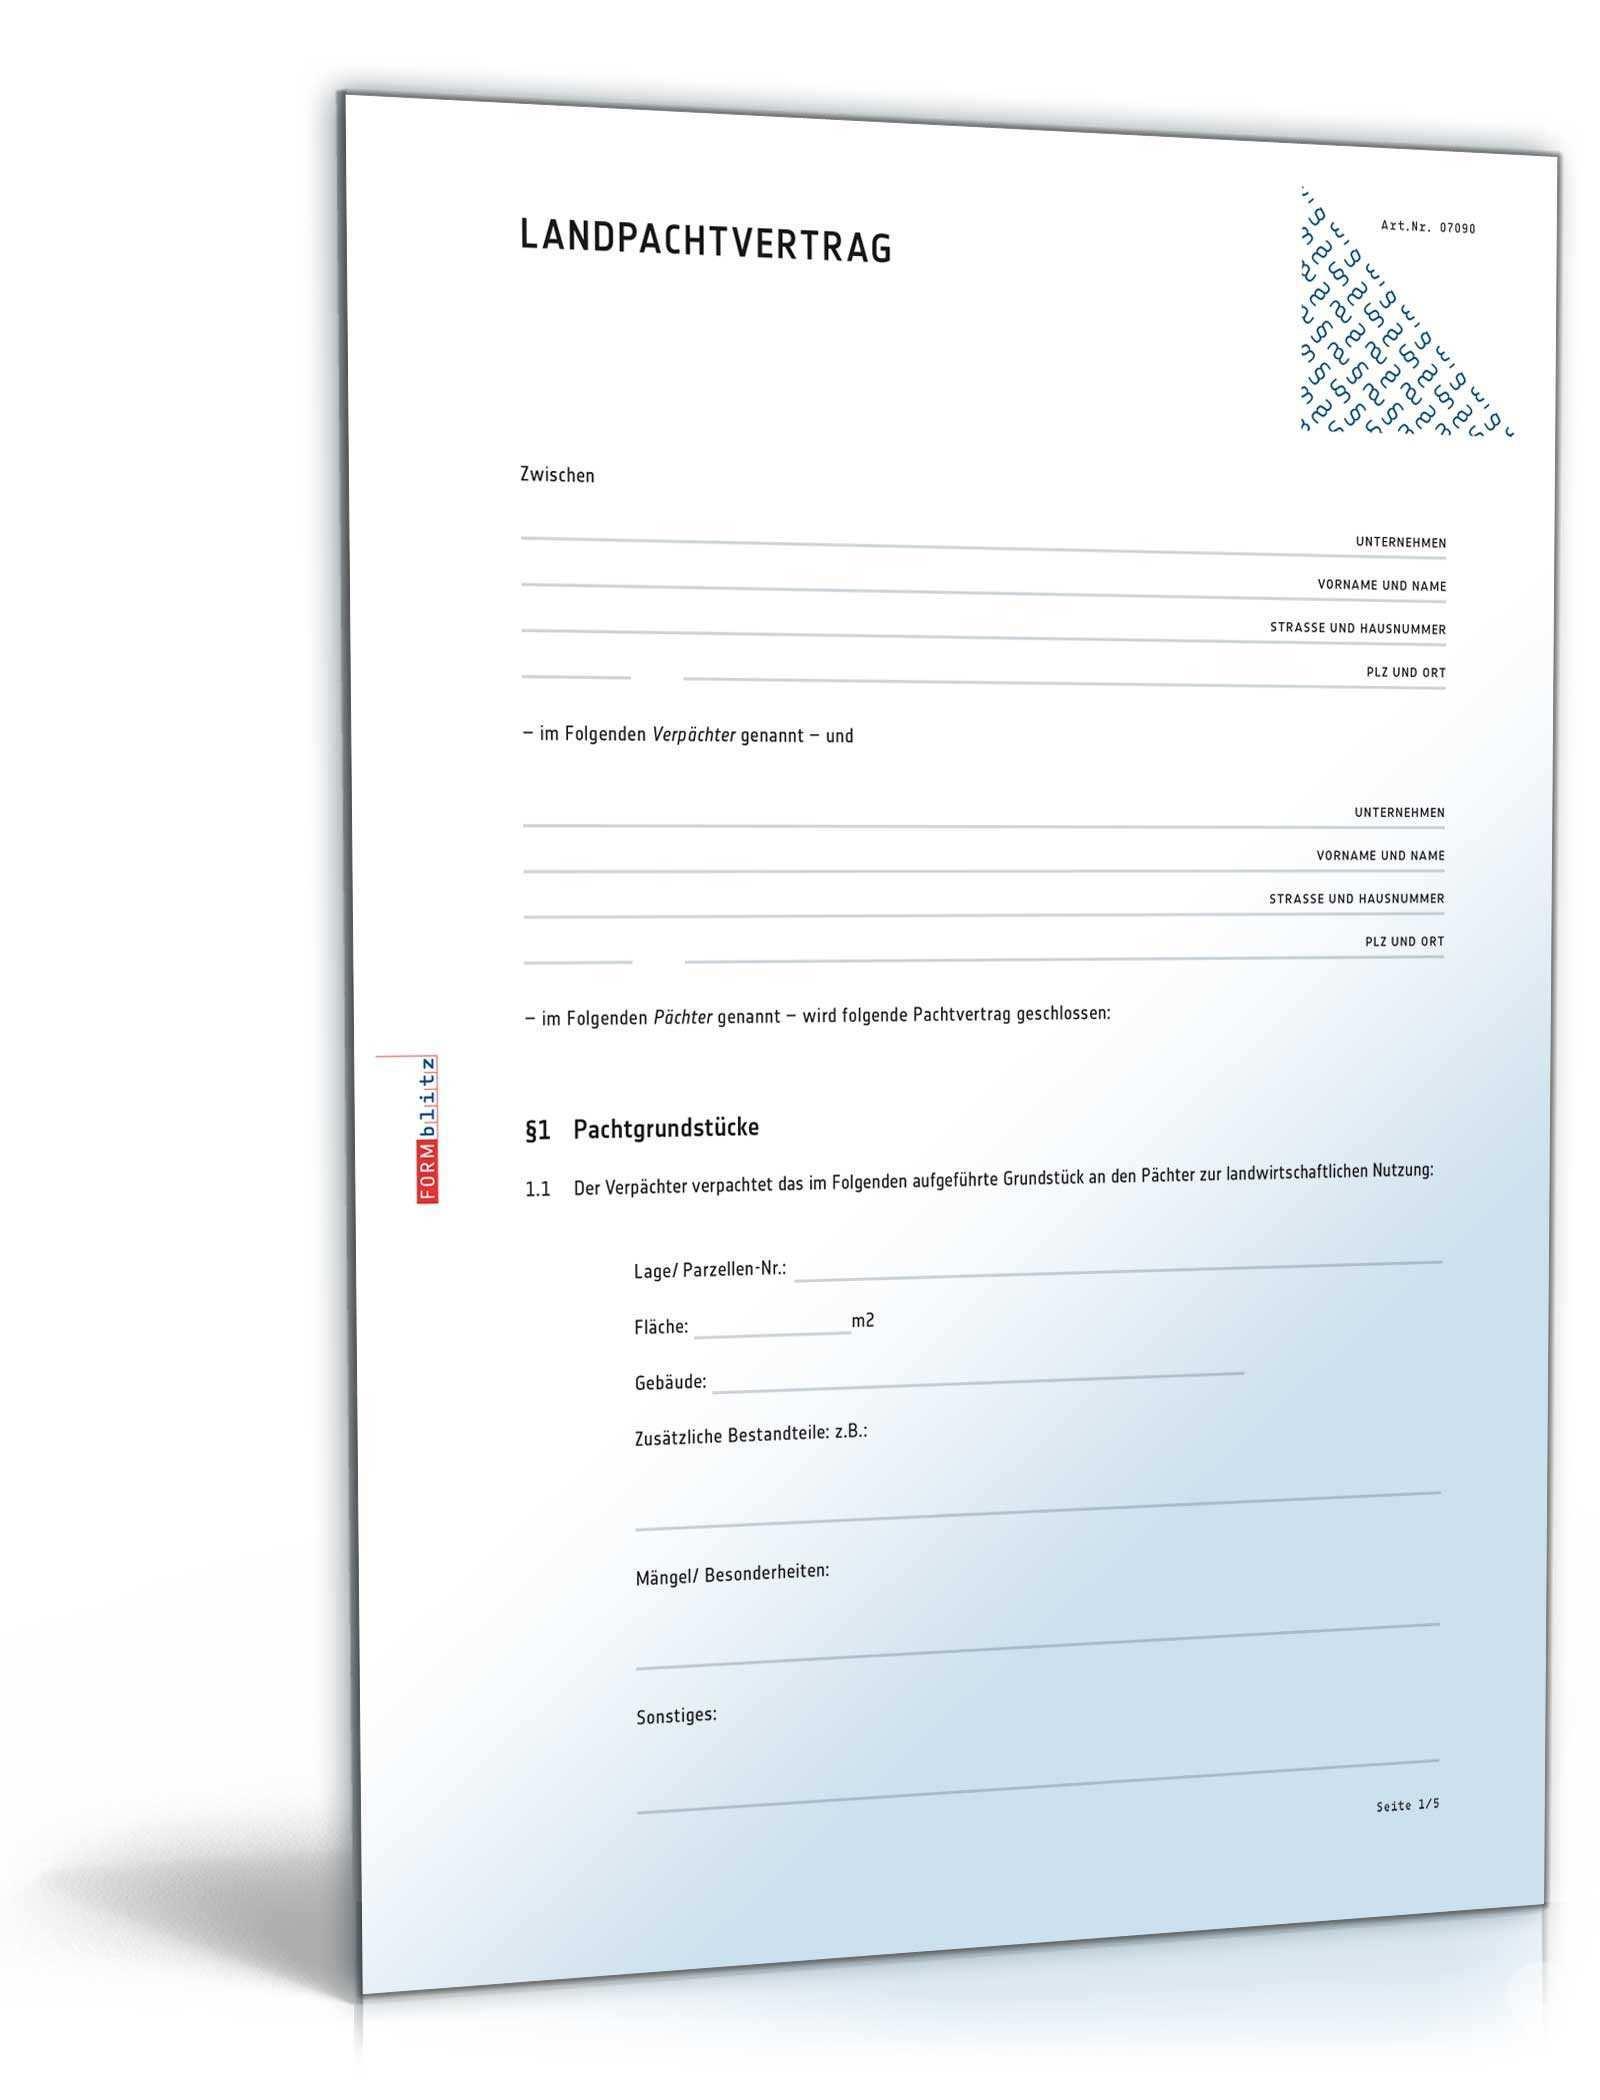 Landpachtvertrag Muster Vorlage Zum Download